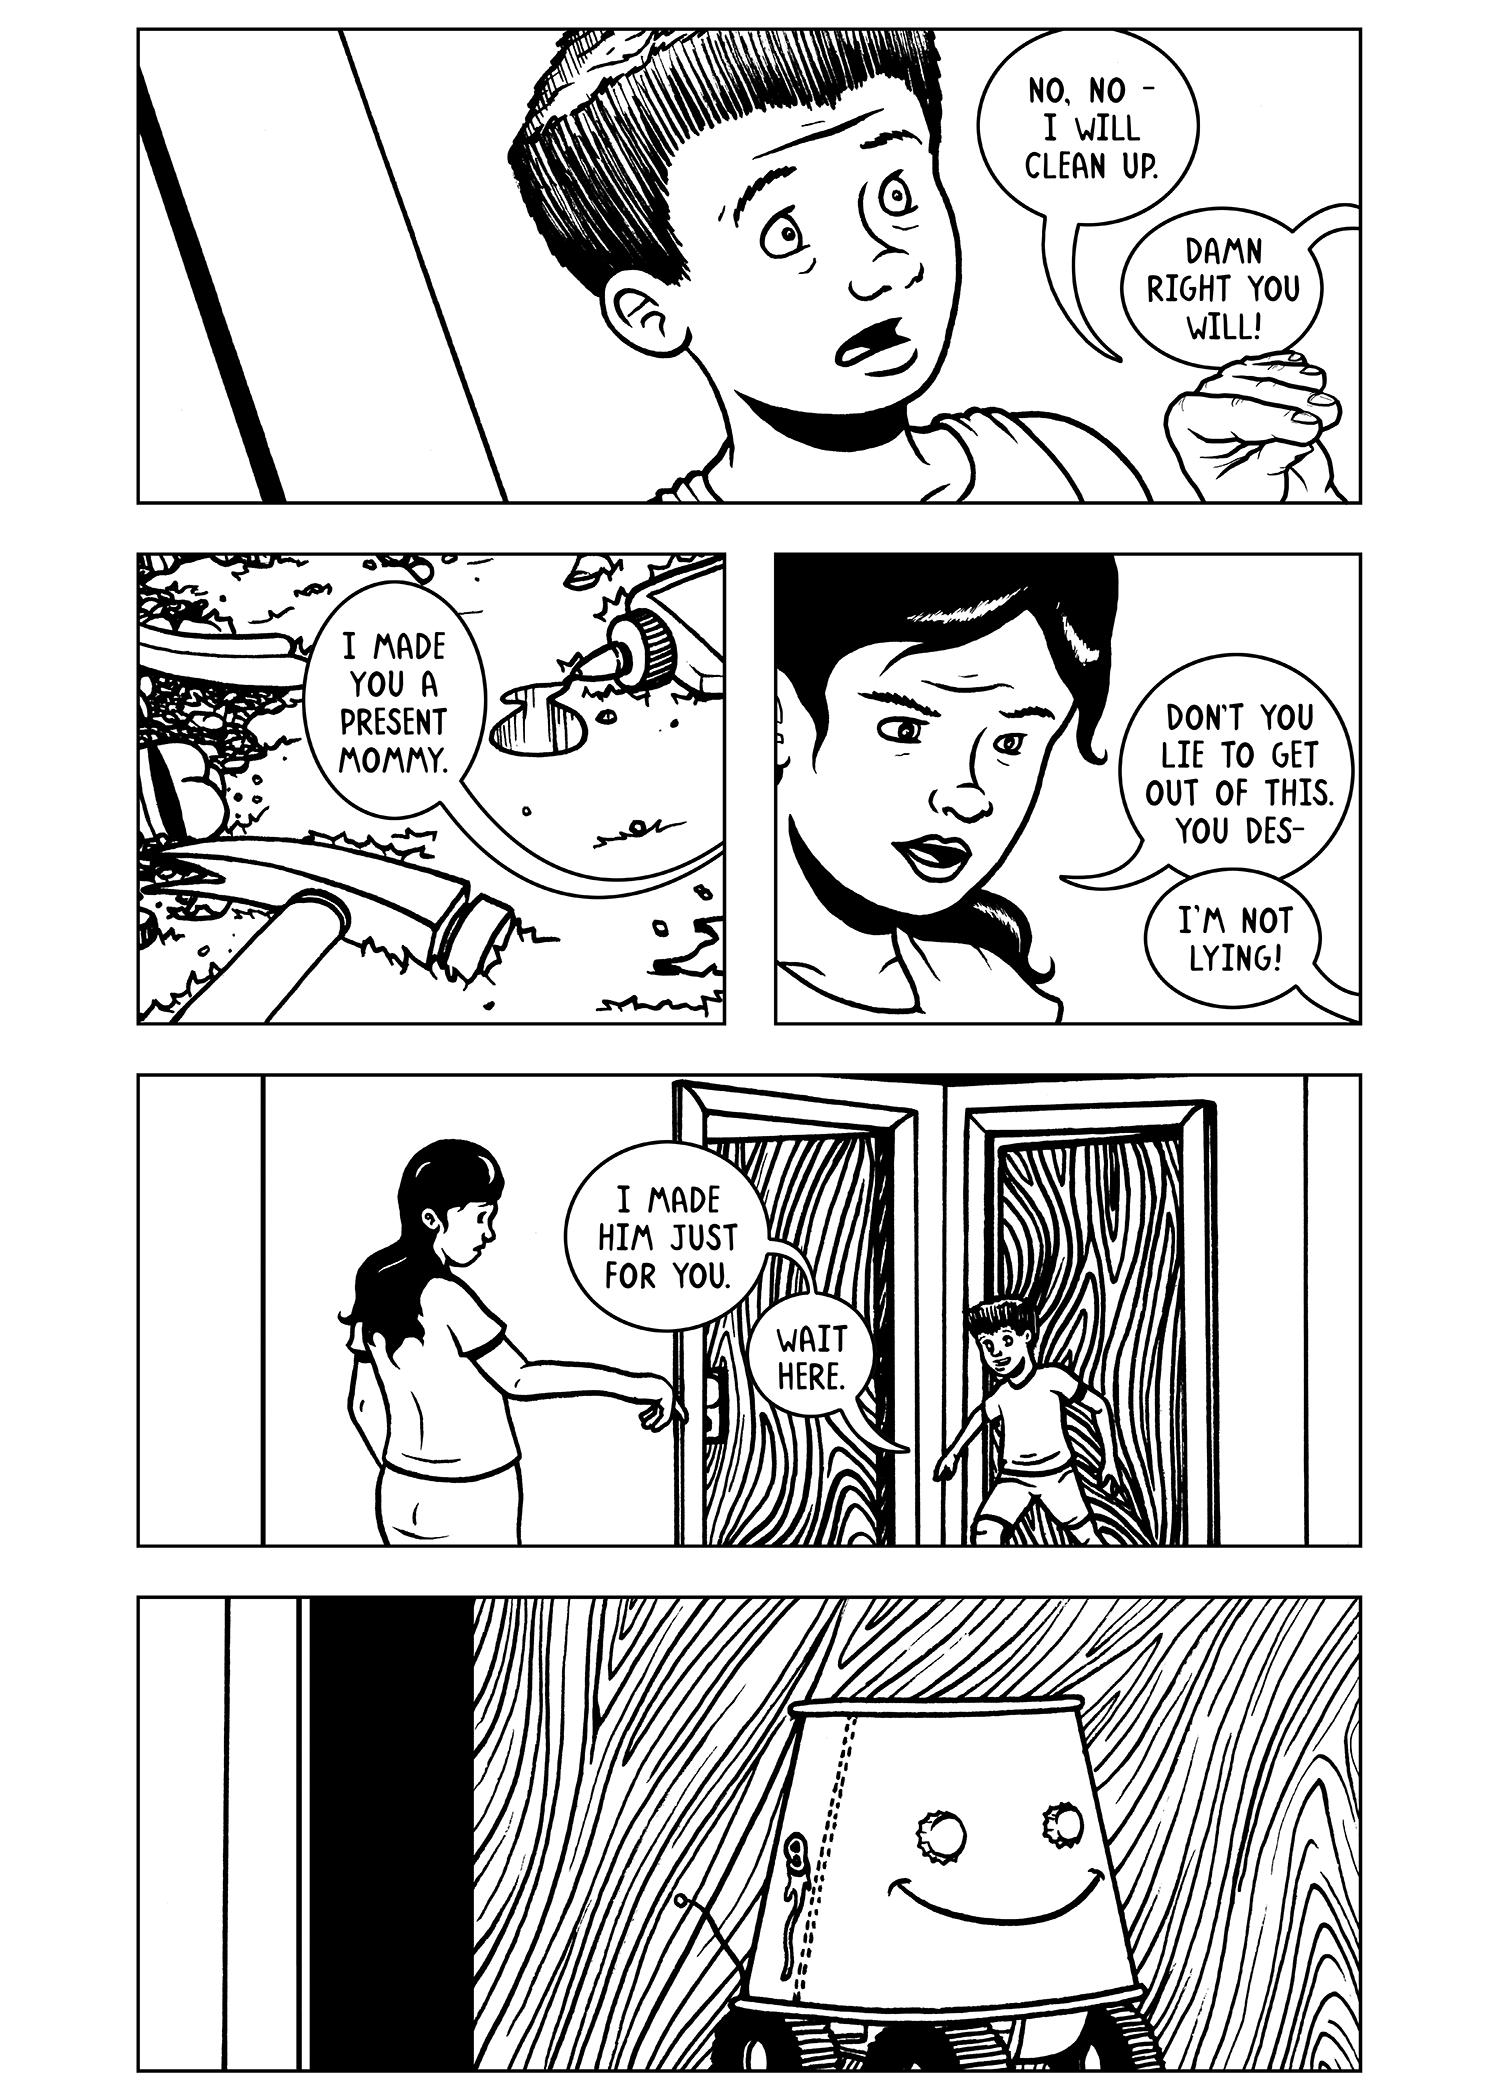 QWERTY_comic_29